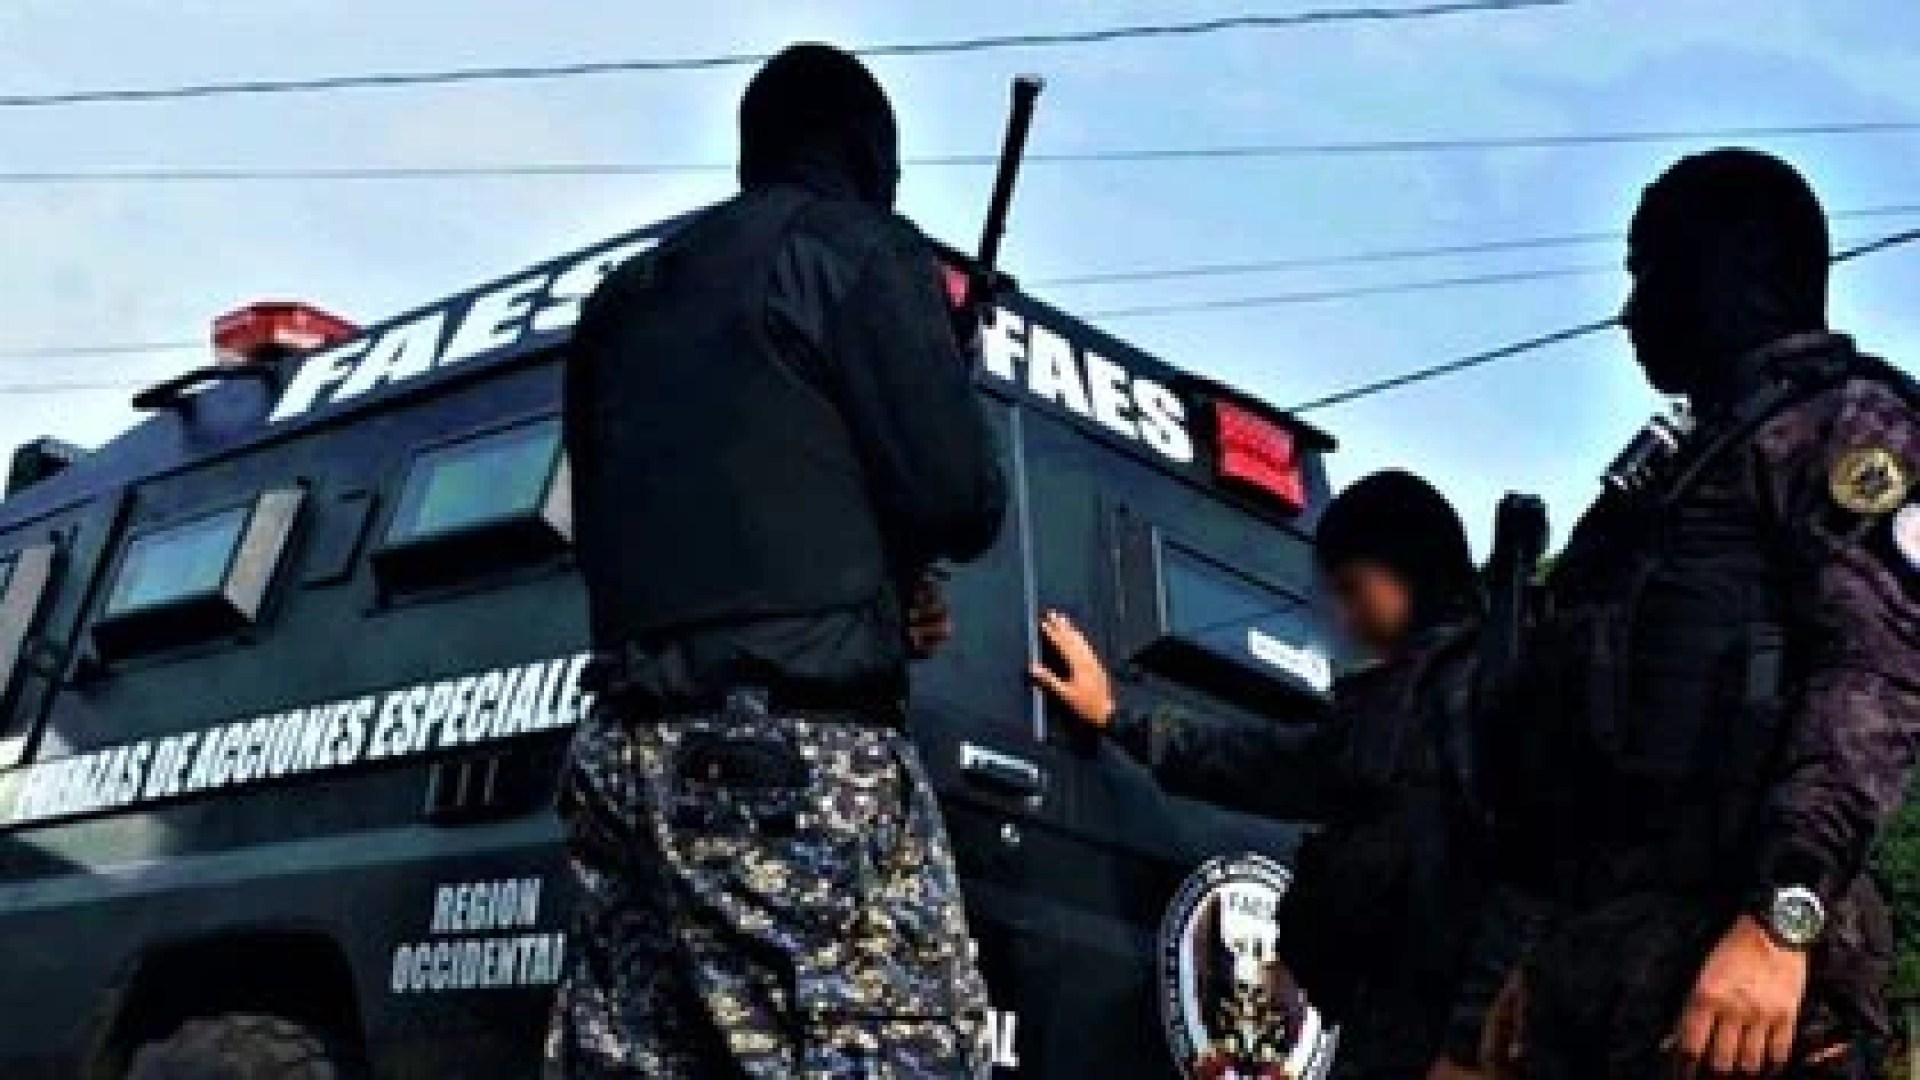 El FAES actúa como escuadrón de exterminio de la dictadura de Maduro